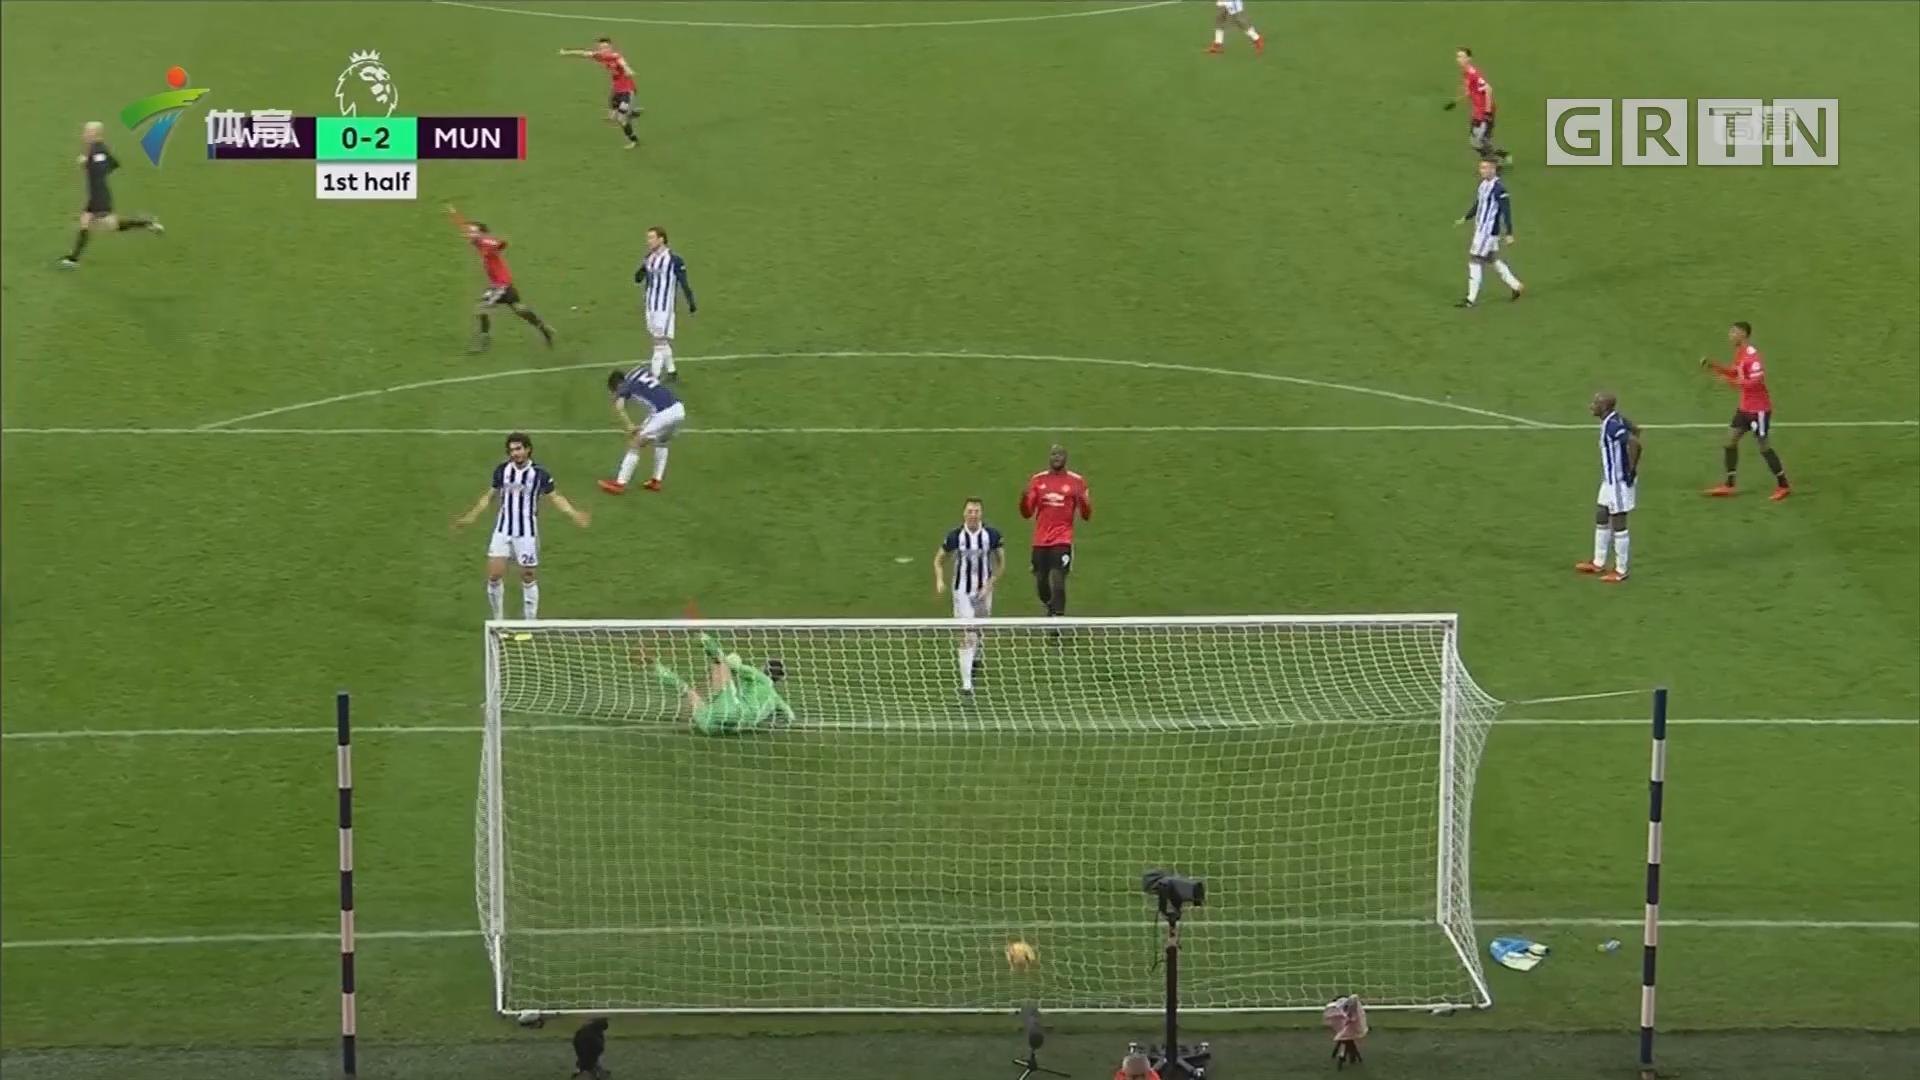 曼联2比1西布朗 继续位列英超次席